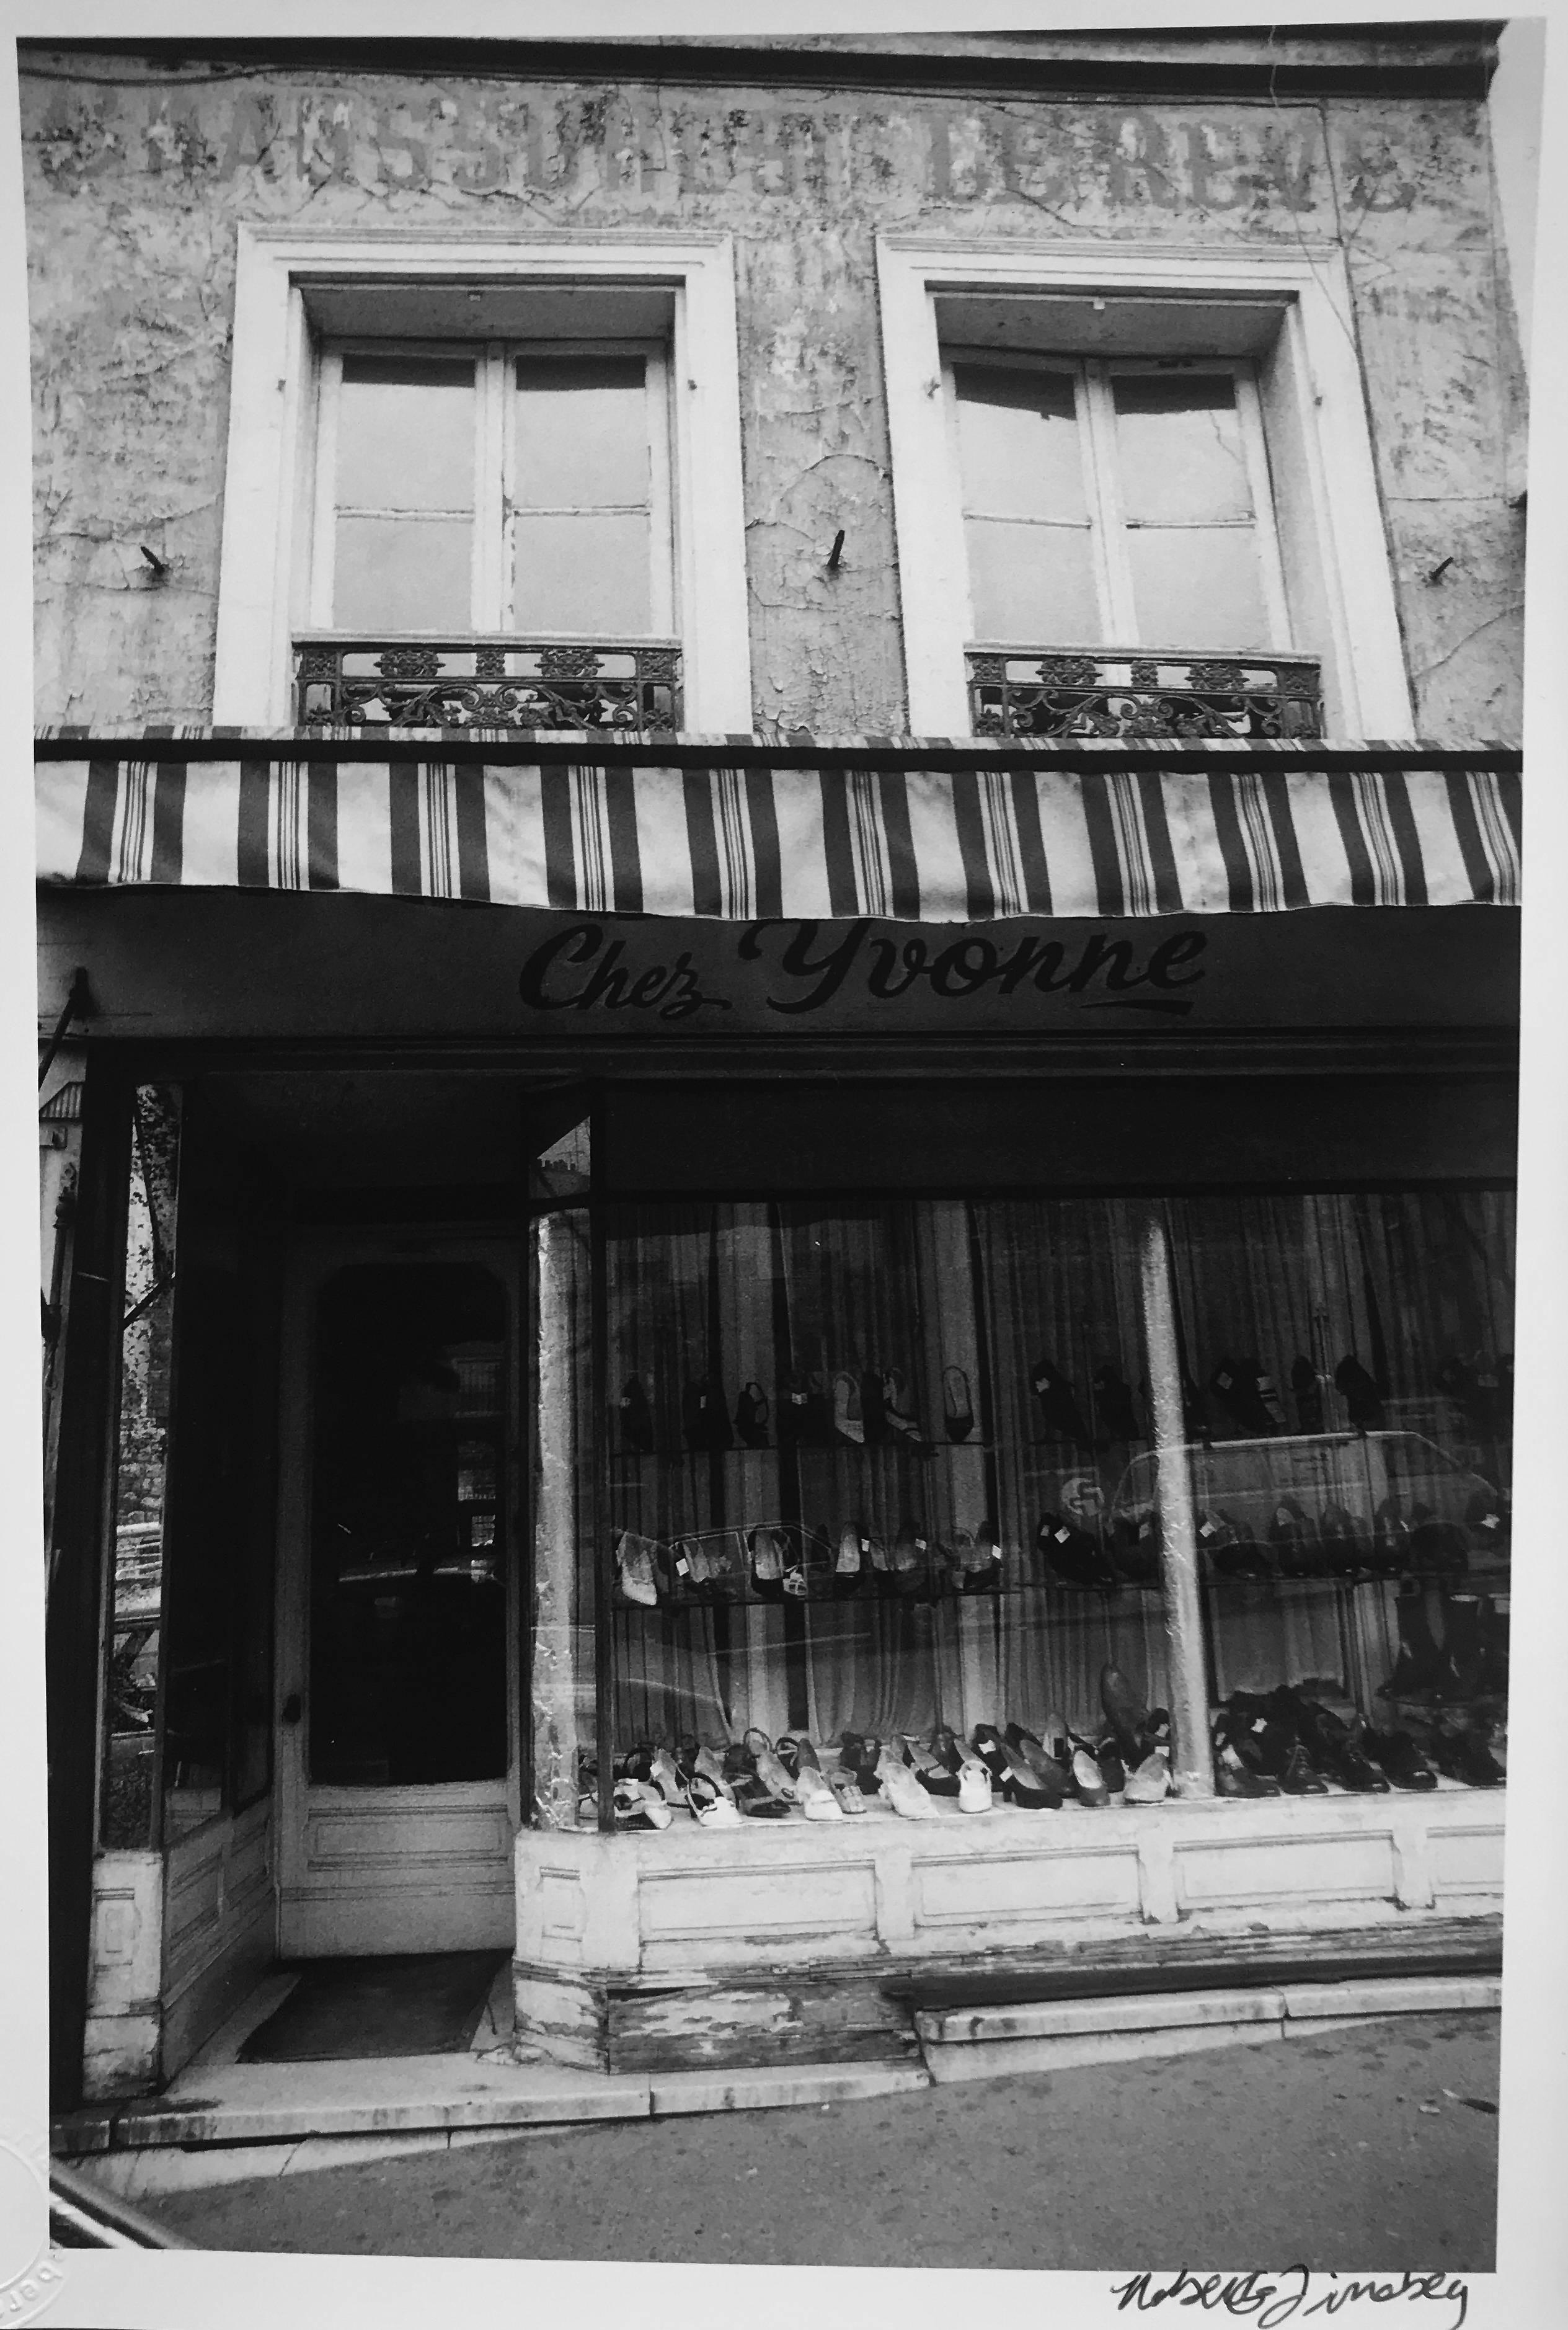 Chez Yvonne, Shoe Shop, France, Black and White Photograph Paris 1980s